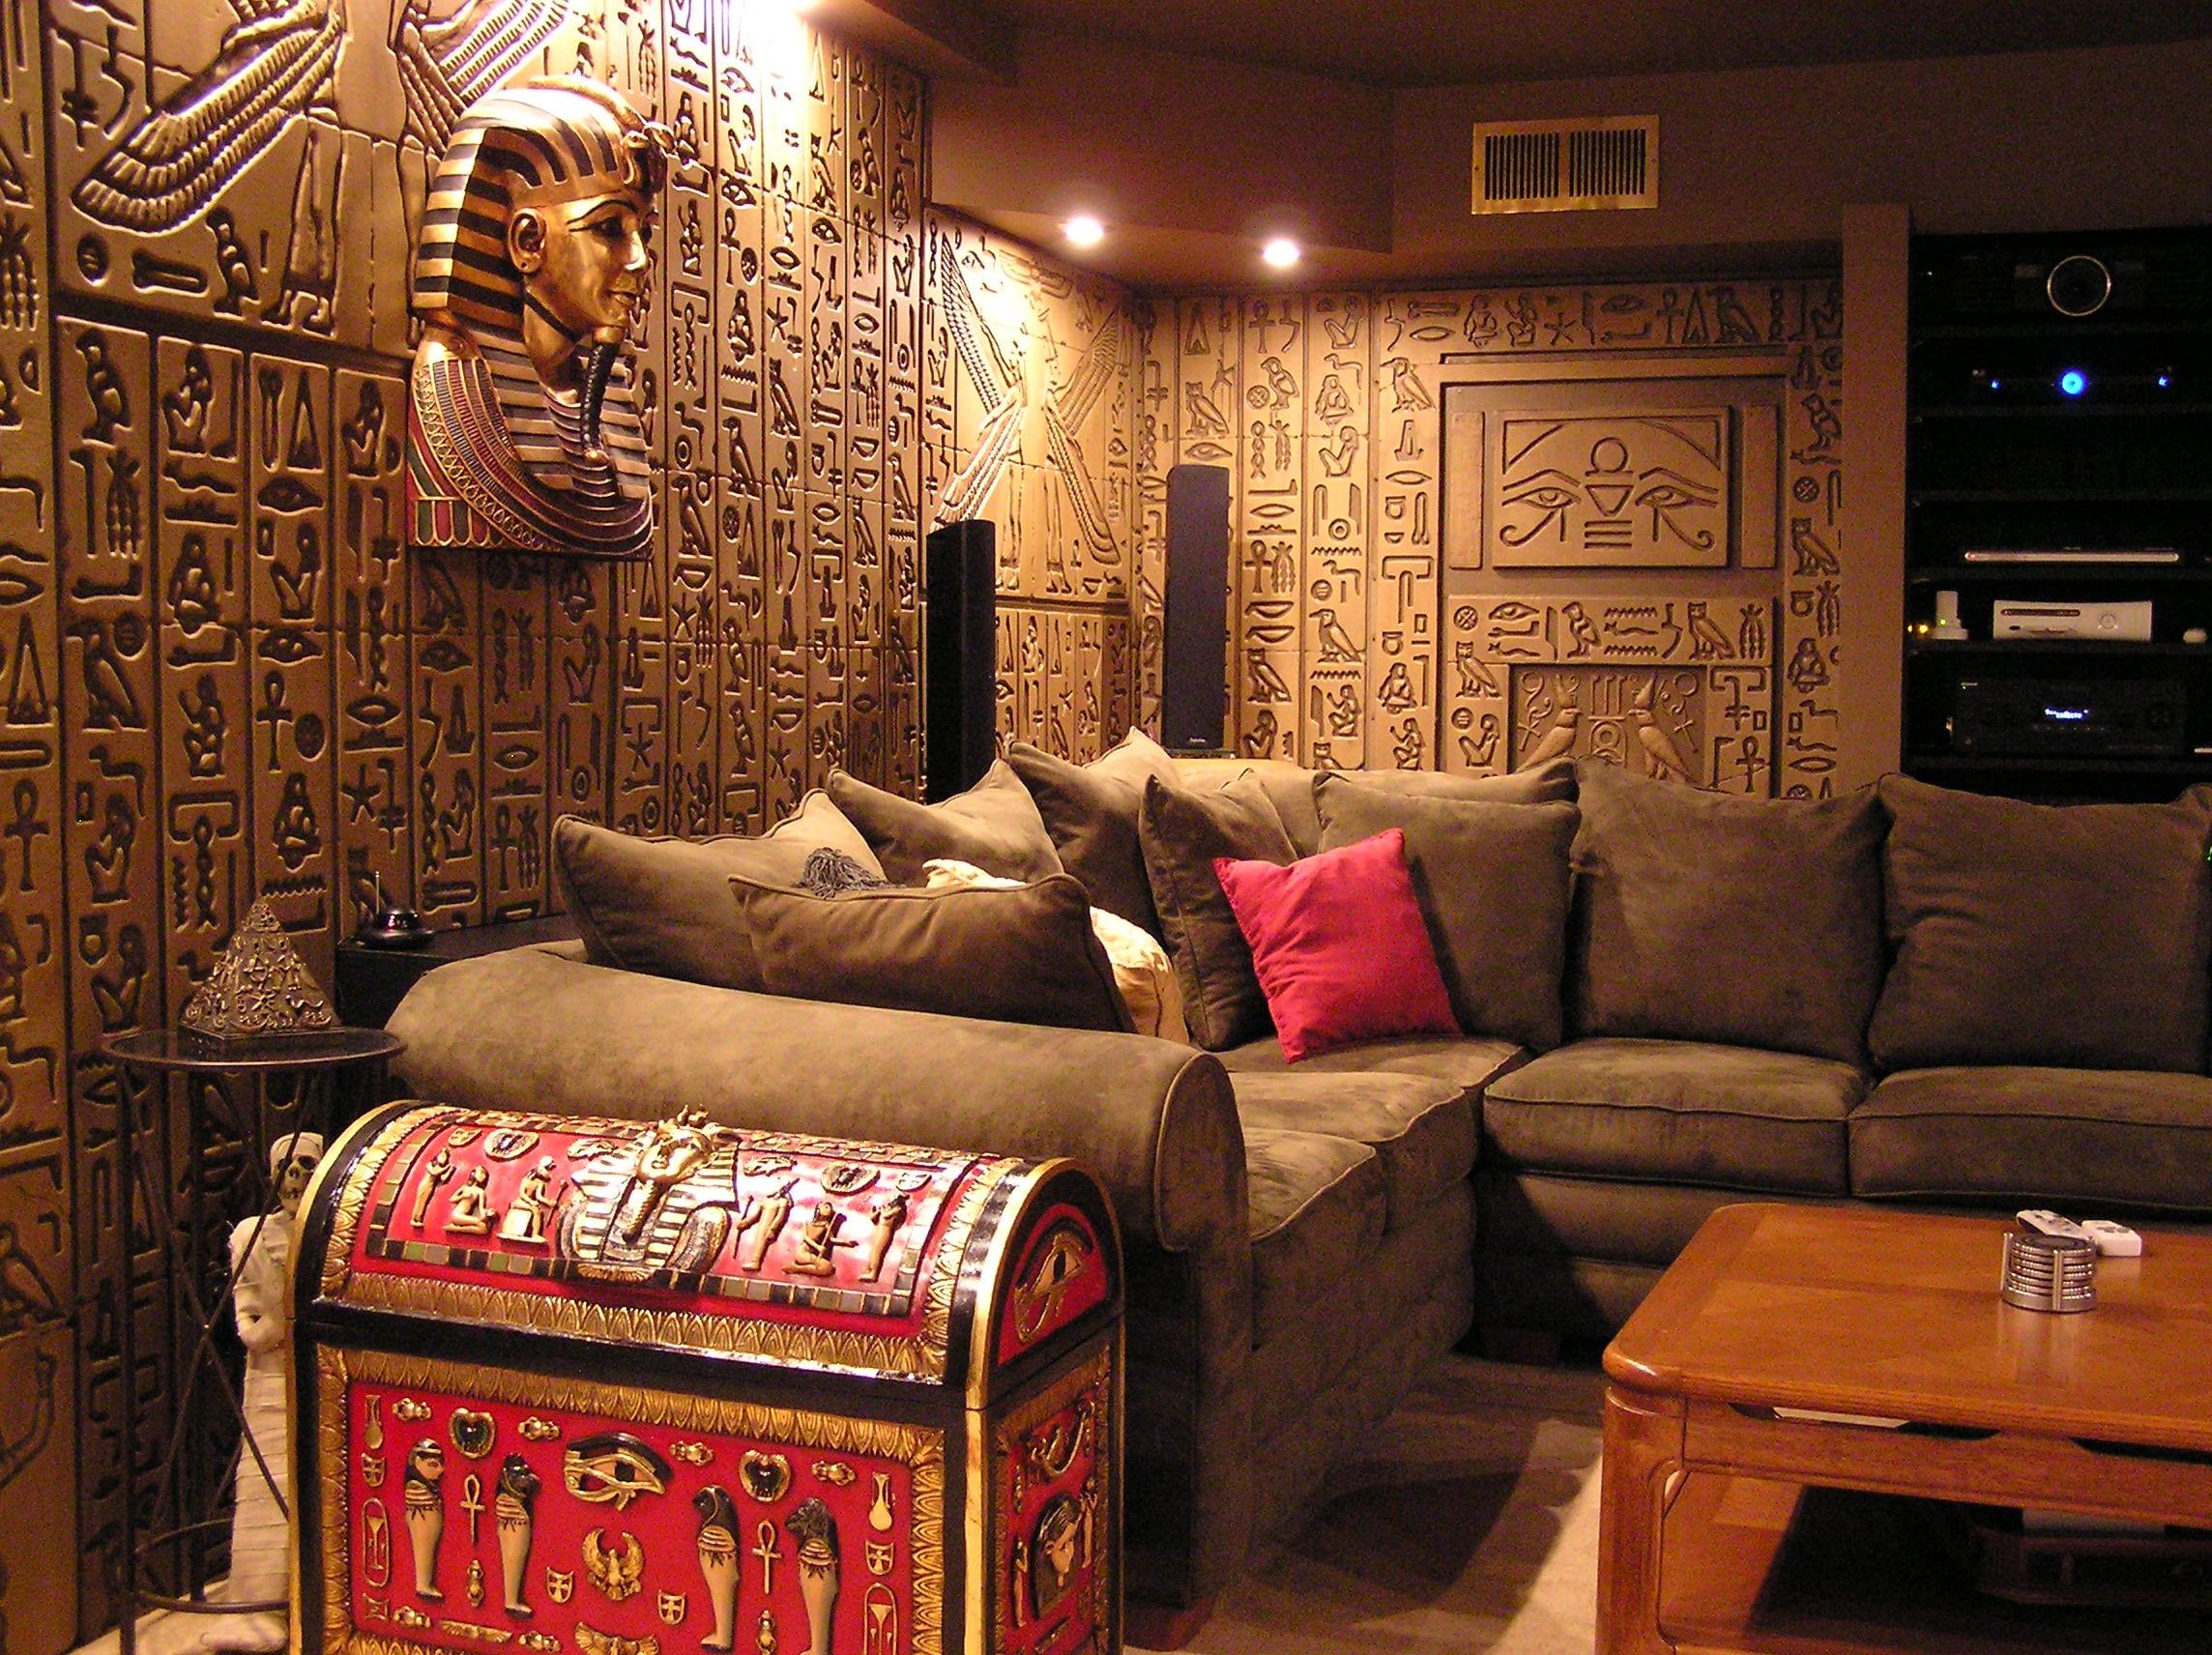 Египетский стиль: тайны древних цивилизаций в вашем доме